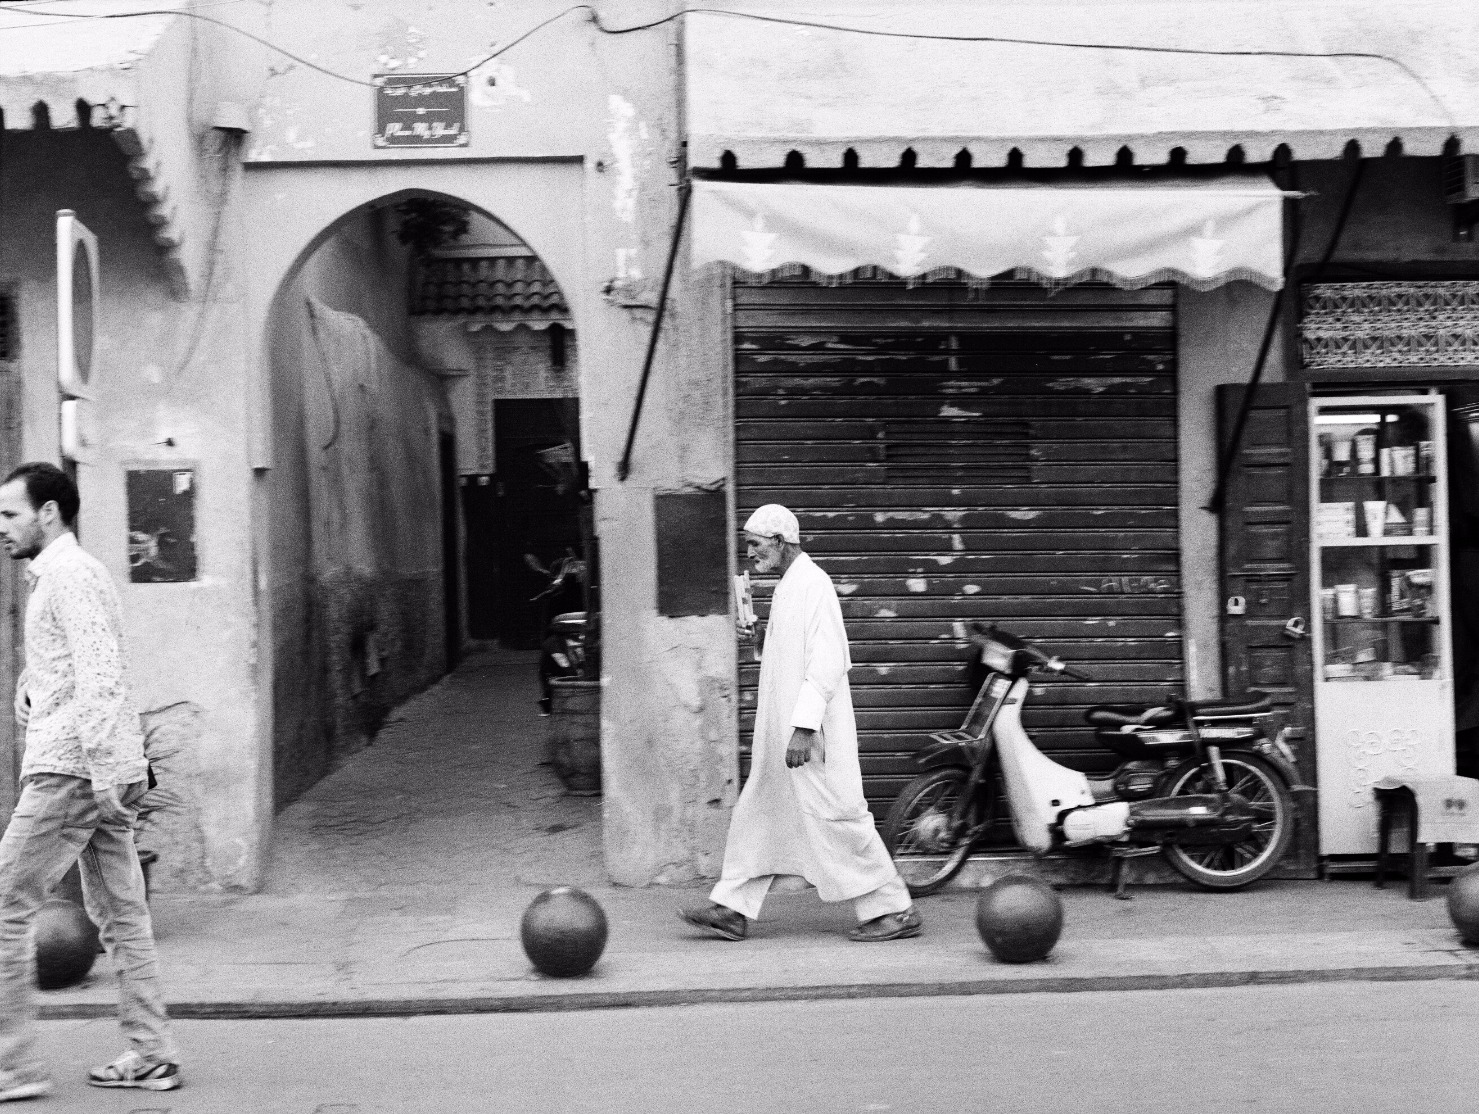 Market Marrakech